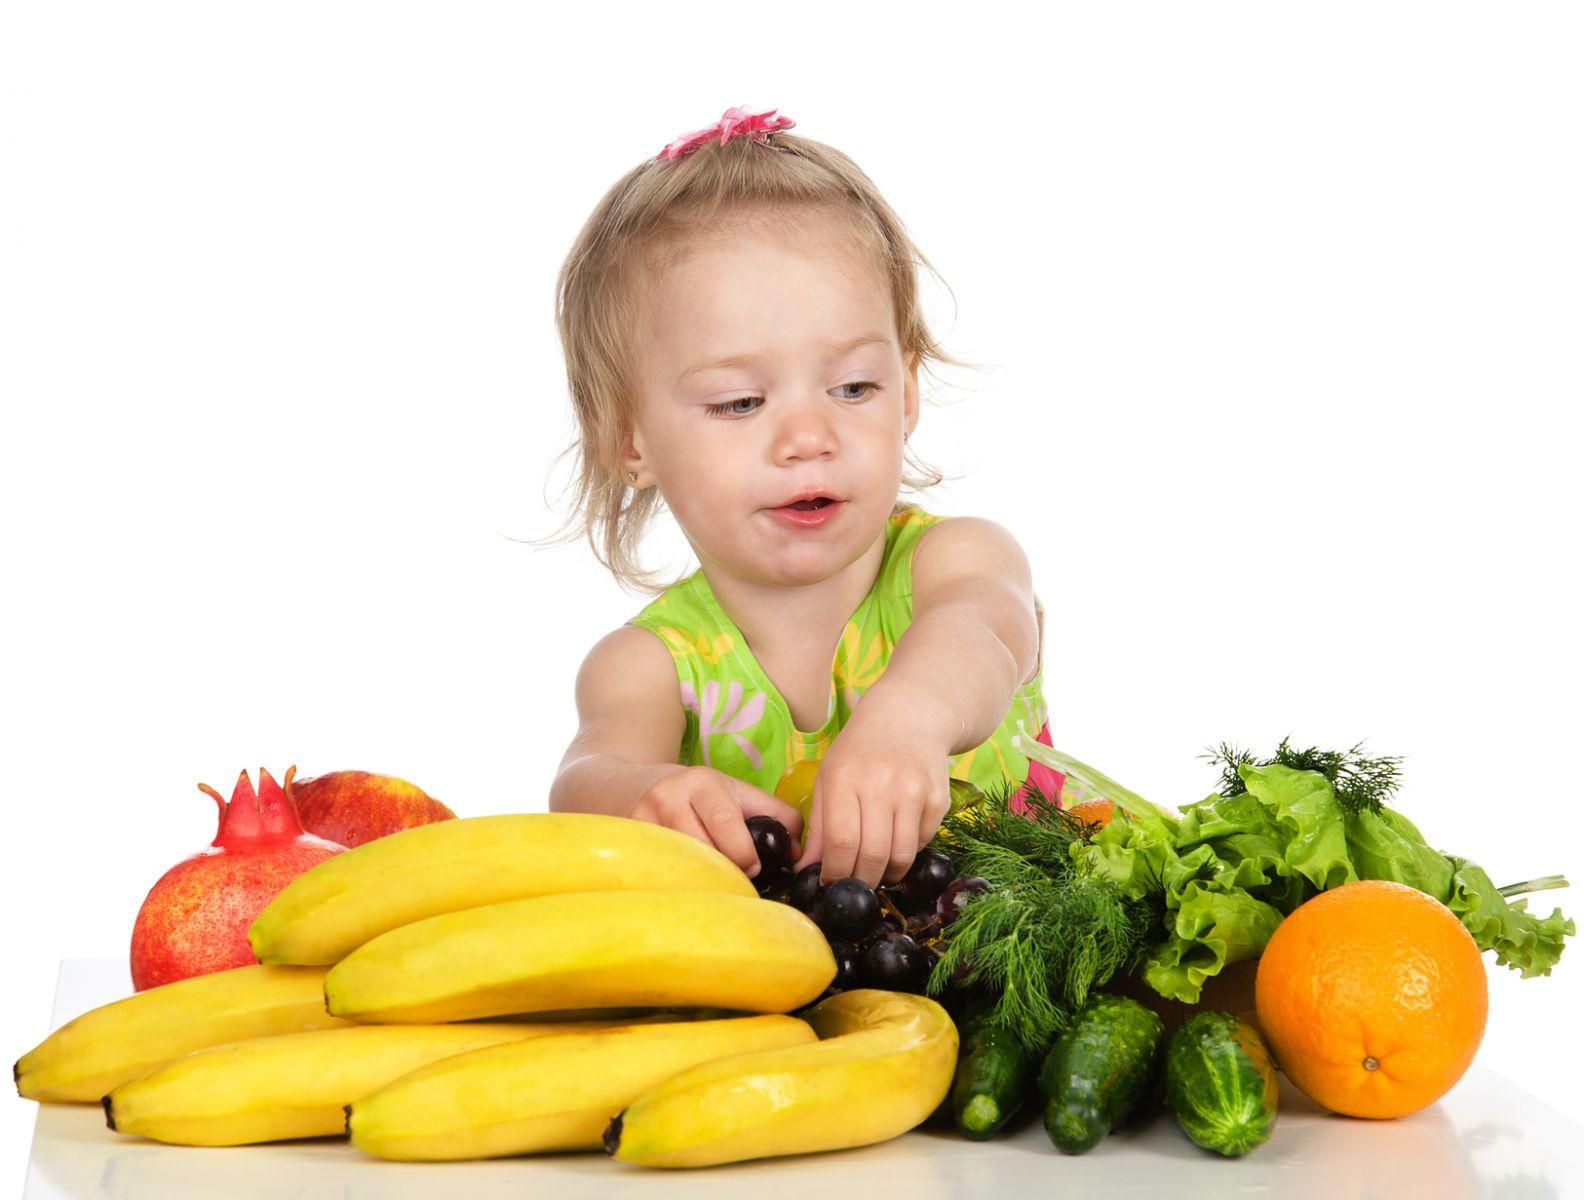 """Красивые картинки """"Здоровый образ жизни"""" для детей - подборка 4"""